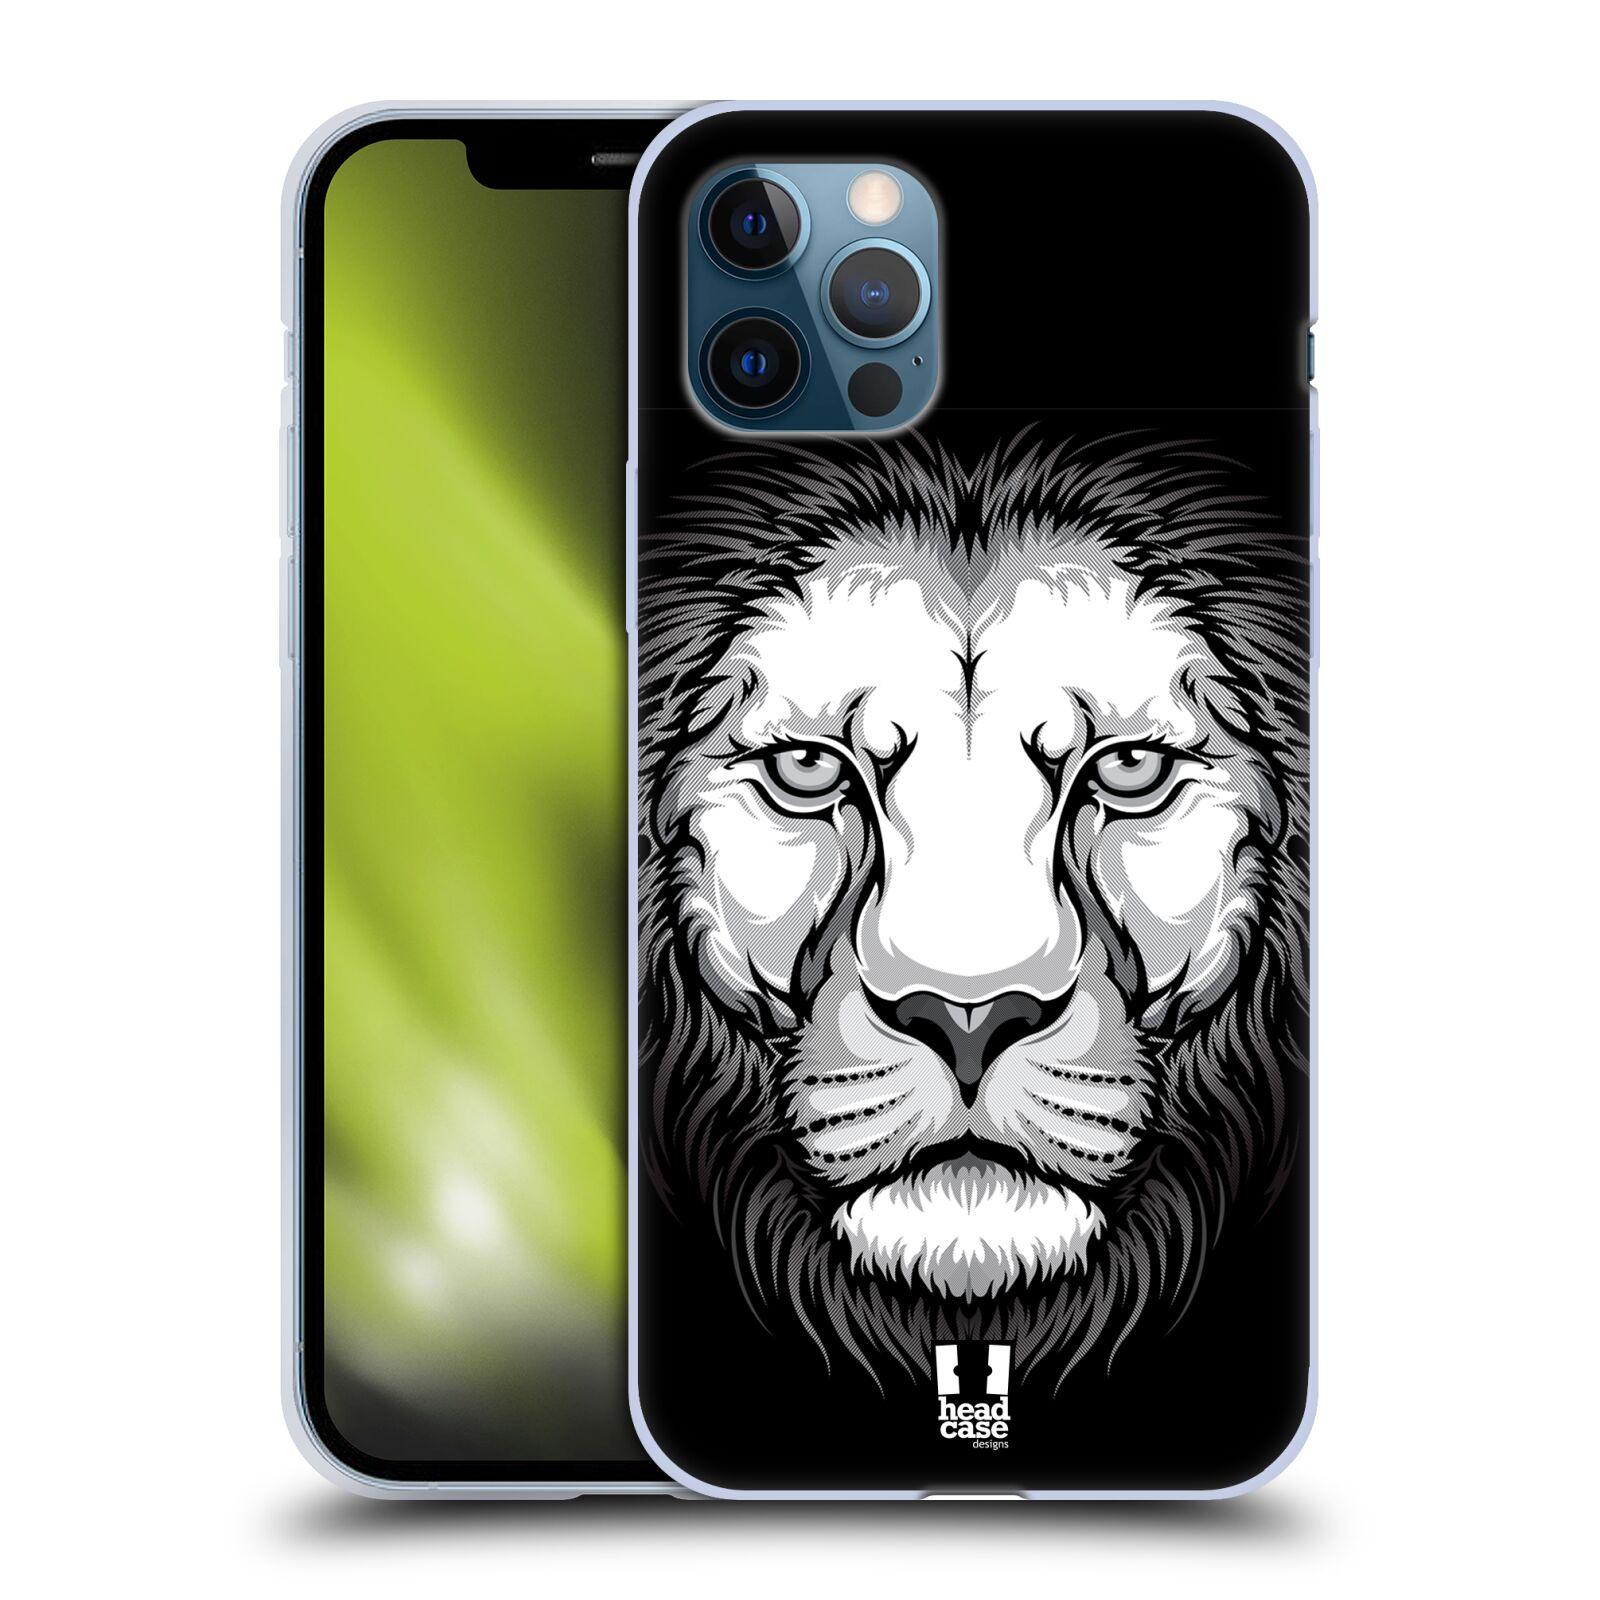 Silikonové pouzdro na mobil Apple iPhone 12 / 12 Pro - Head Case - ILUSTROVANÝ LEV